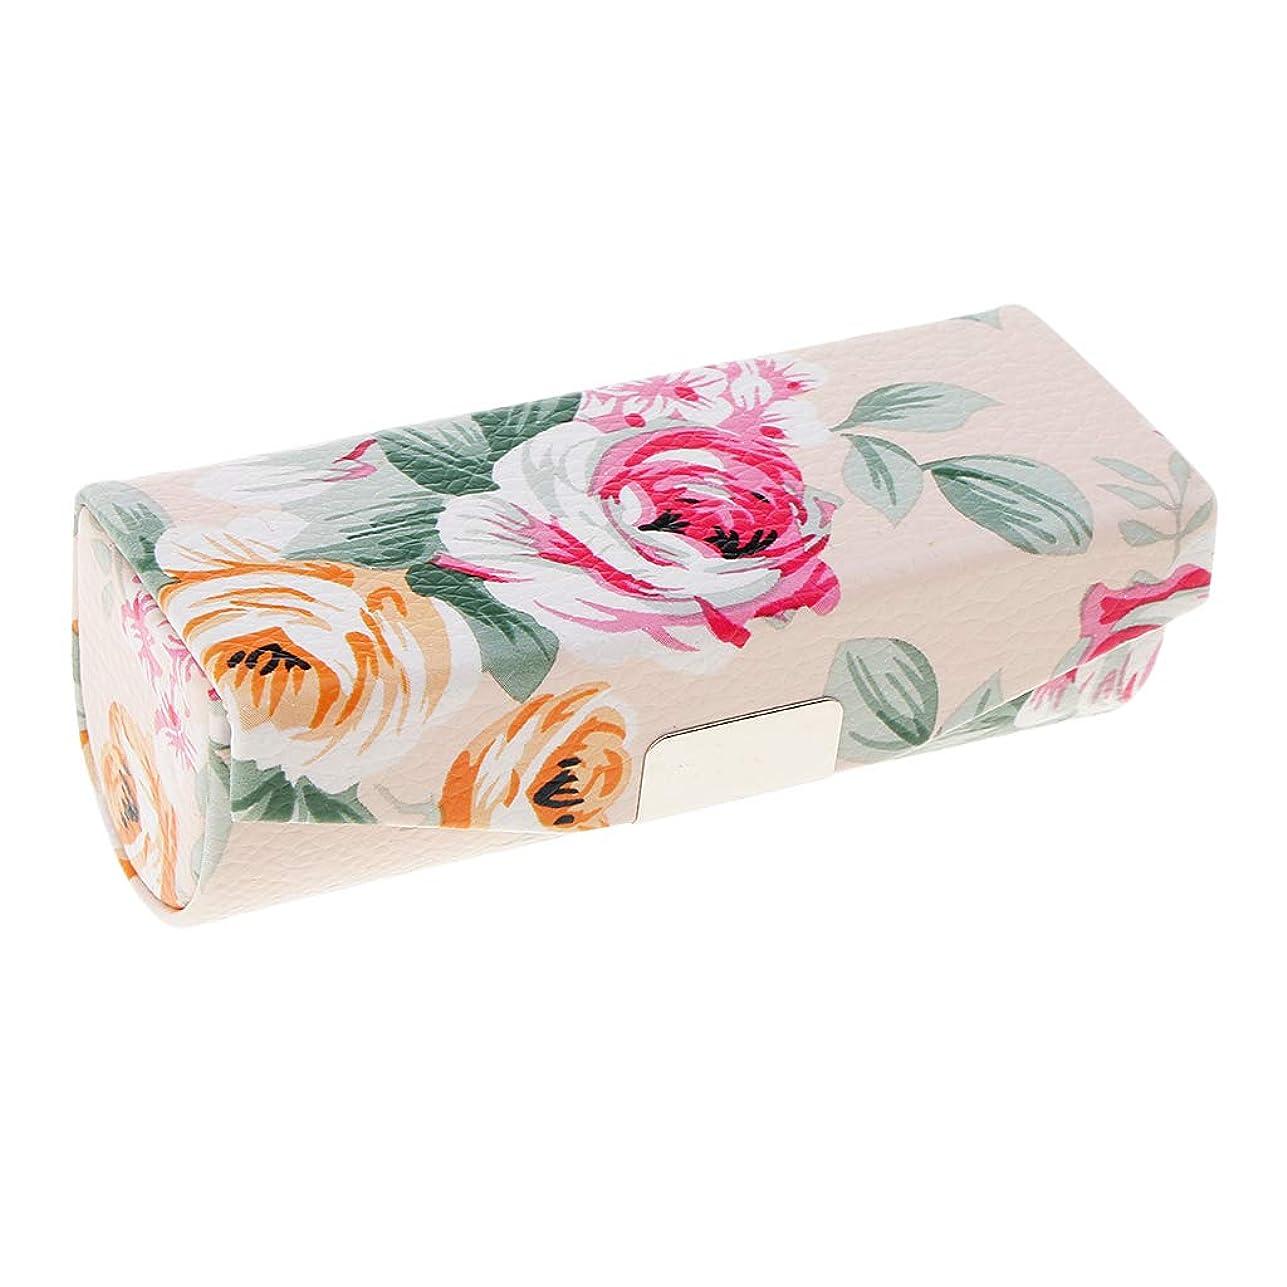 T TOOYFUL ミラー付き口紅ケース、財布のための旅行サイズ、女性&女性のためのキャリングバッグ - ベージュ